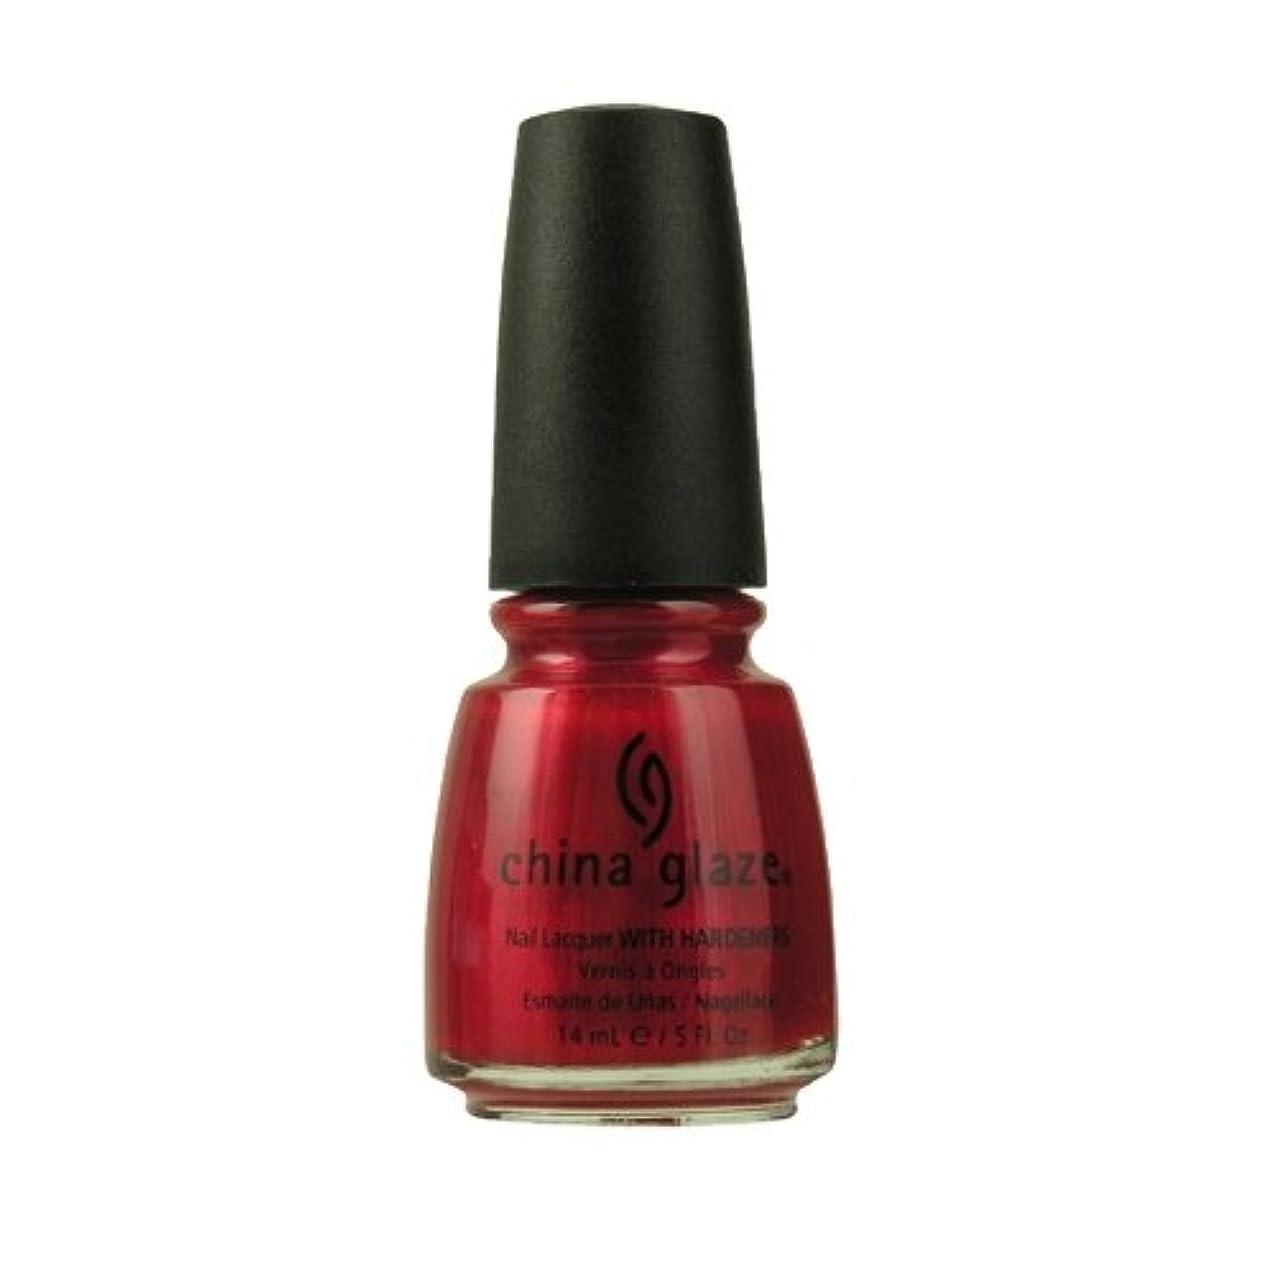 むちゃくちゃ殺人コインCHINA GLAZE Nail Lacquer with Nail Hardner - Red Pearl (並行輸入品)